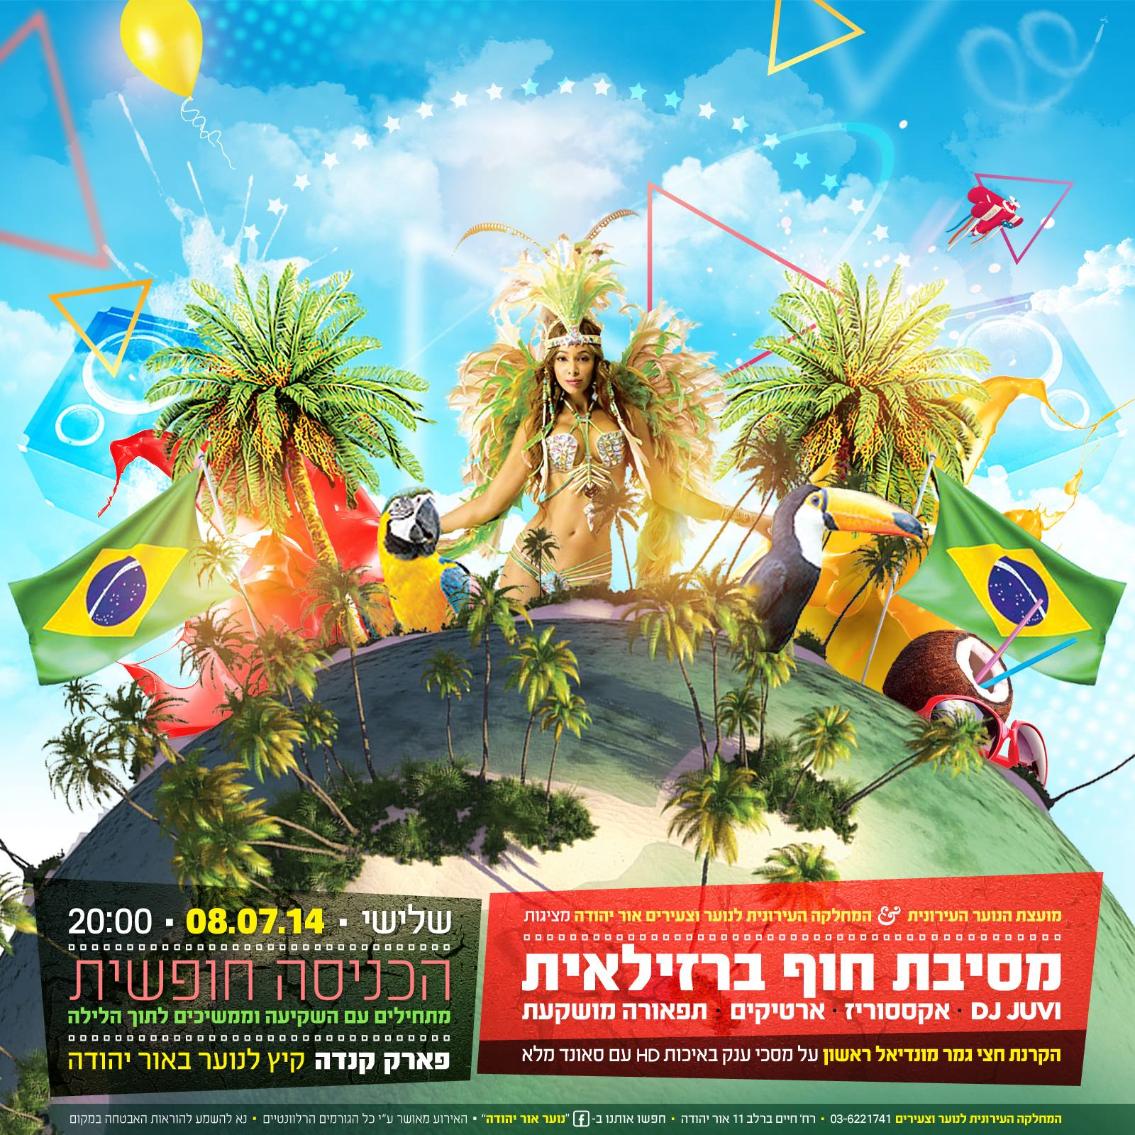 עיריית אור יהודה - אירועי קיץ לנוער אור יהודה